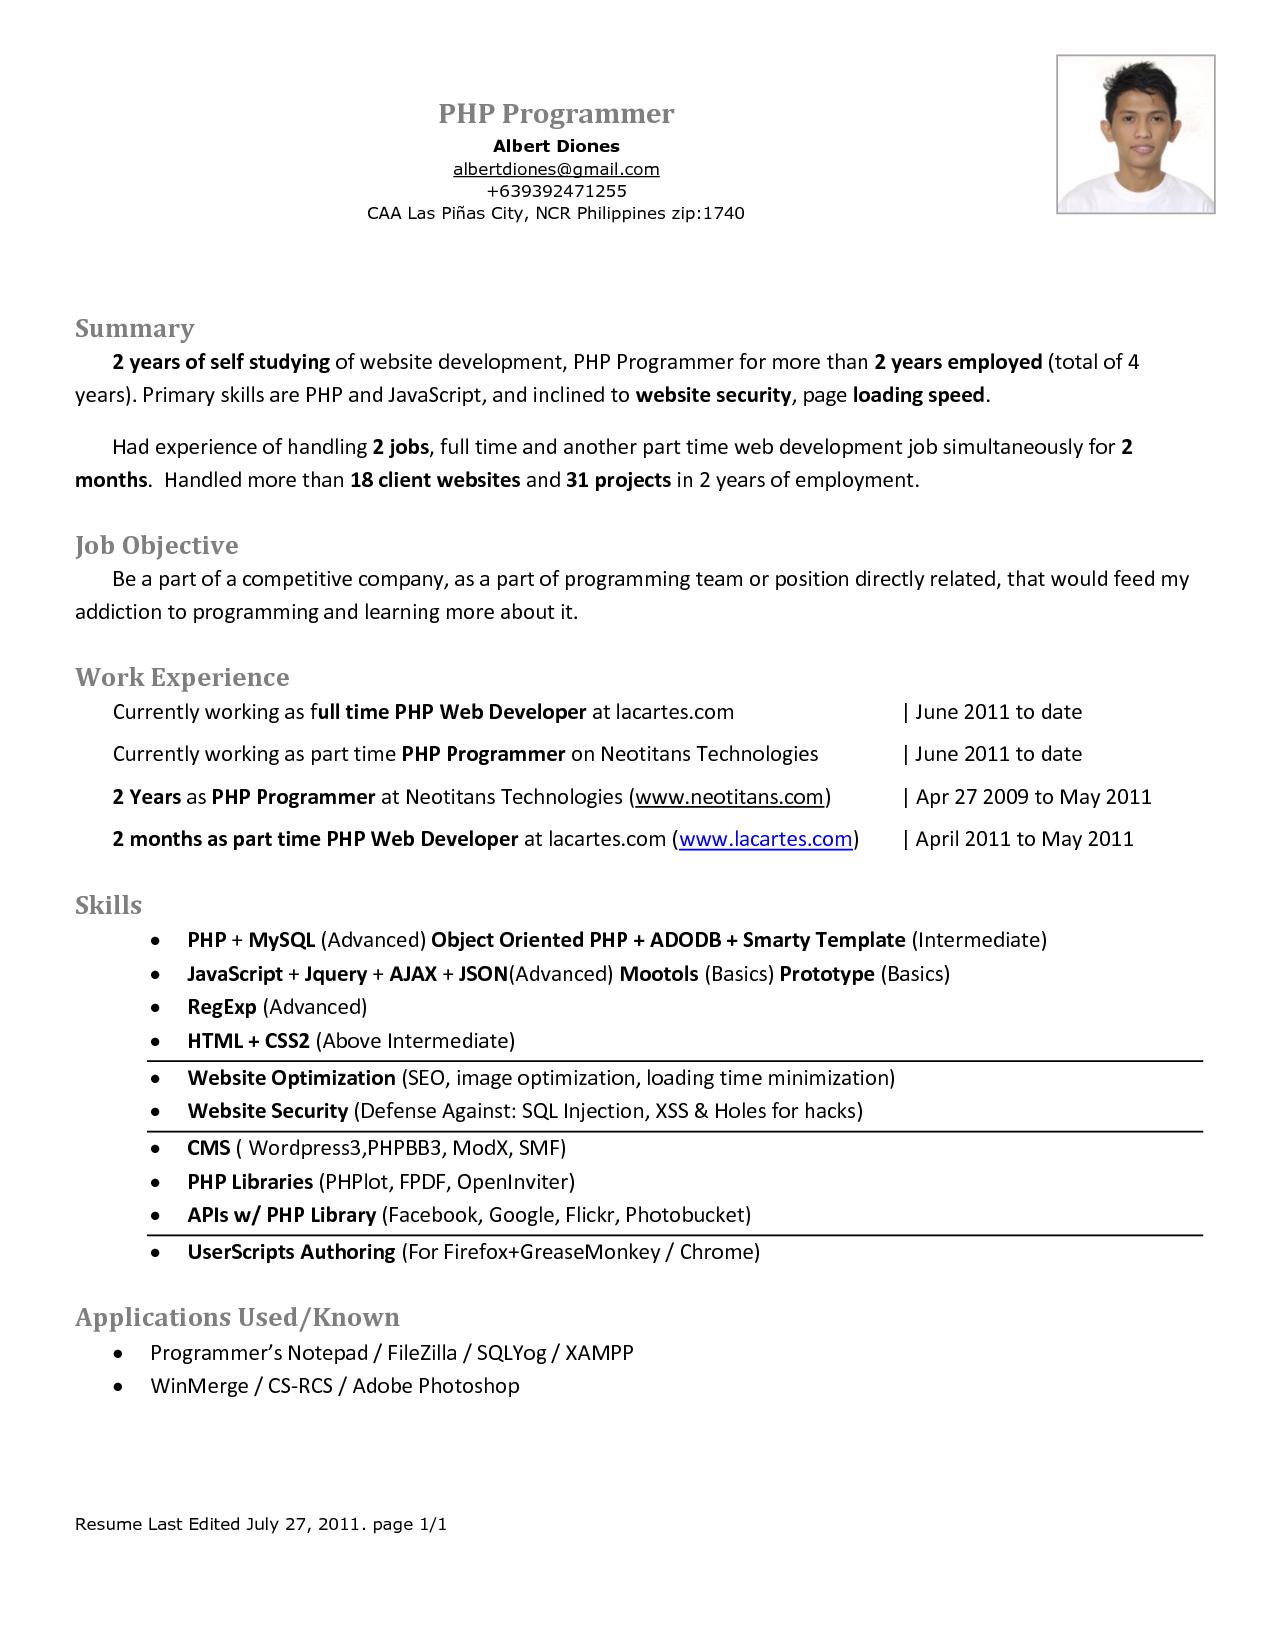 Resume Php Experience Resume php resume letter sample for job programmer httpwwwresumecareerinfophp e46abe16c6002d8b8115fe44a5215ee0 329466528968803311